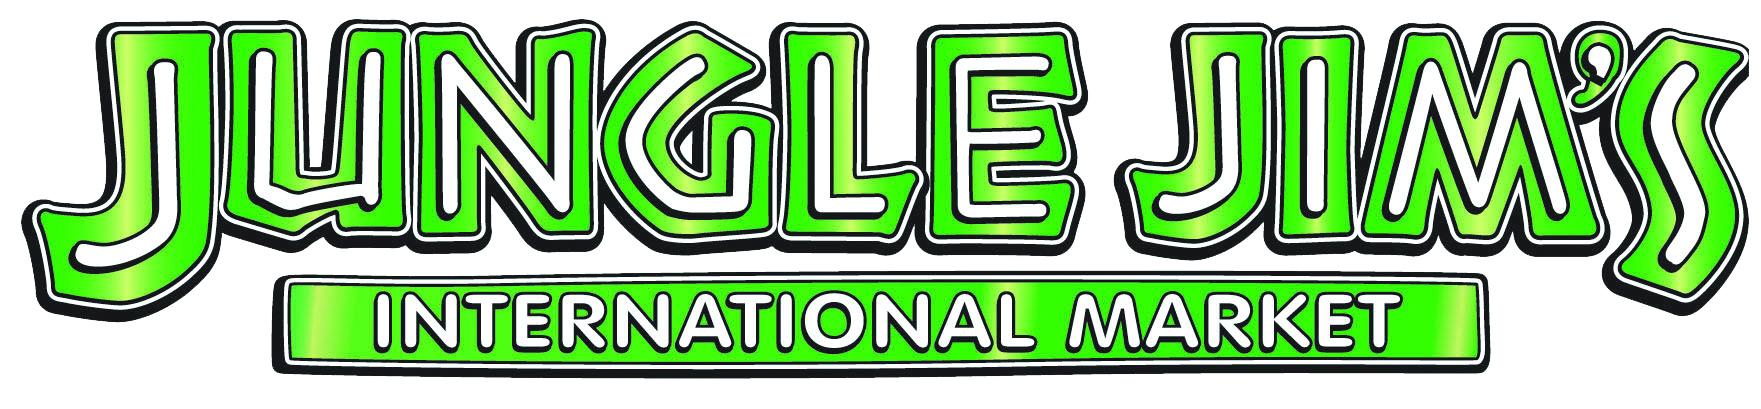 Jungle Jim's logo